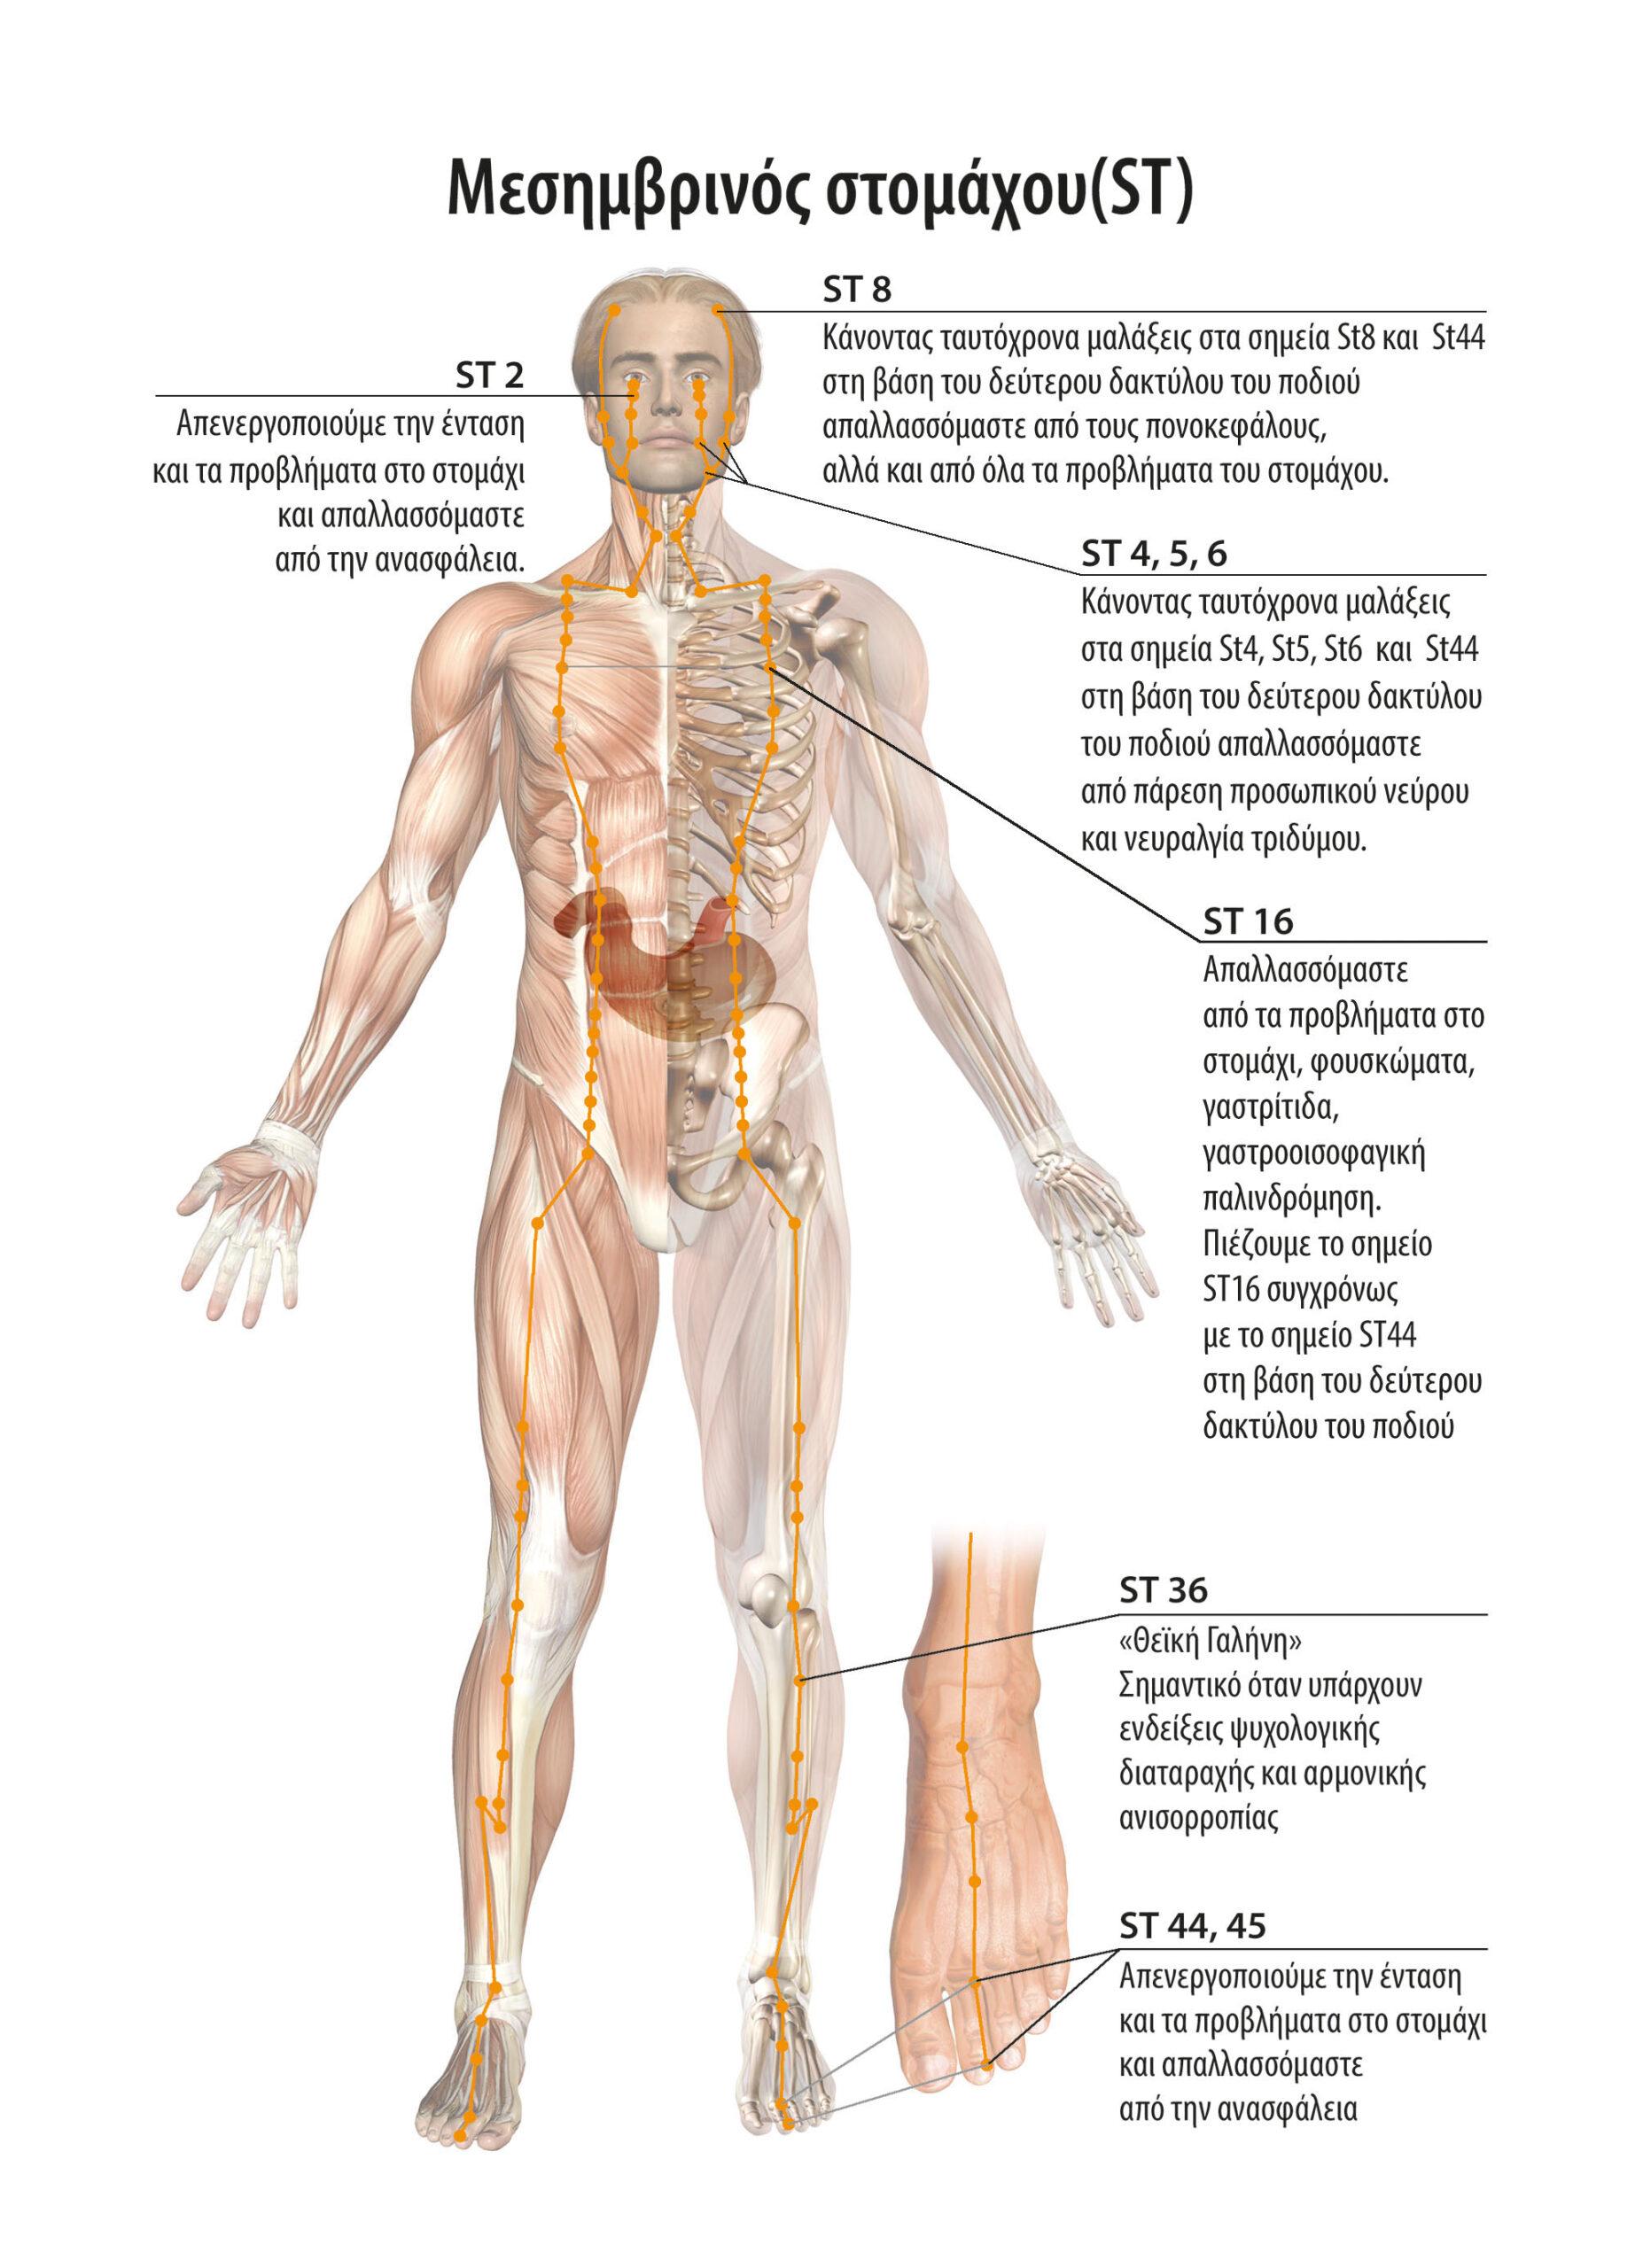 Αυτοθεραπεία από χρόνια σοβαρότατη γαστροοισοφαγική παλινδρόμηση, εγκαύματα 1ου βαθμου στον οισοφάγο ξεμπλοκαροντας τον μεσημβρινό του στομάχου και ενεργοποιώντας ρεφλεξολογικά την βαλβίδα πάνω από το στομάχι. 2